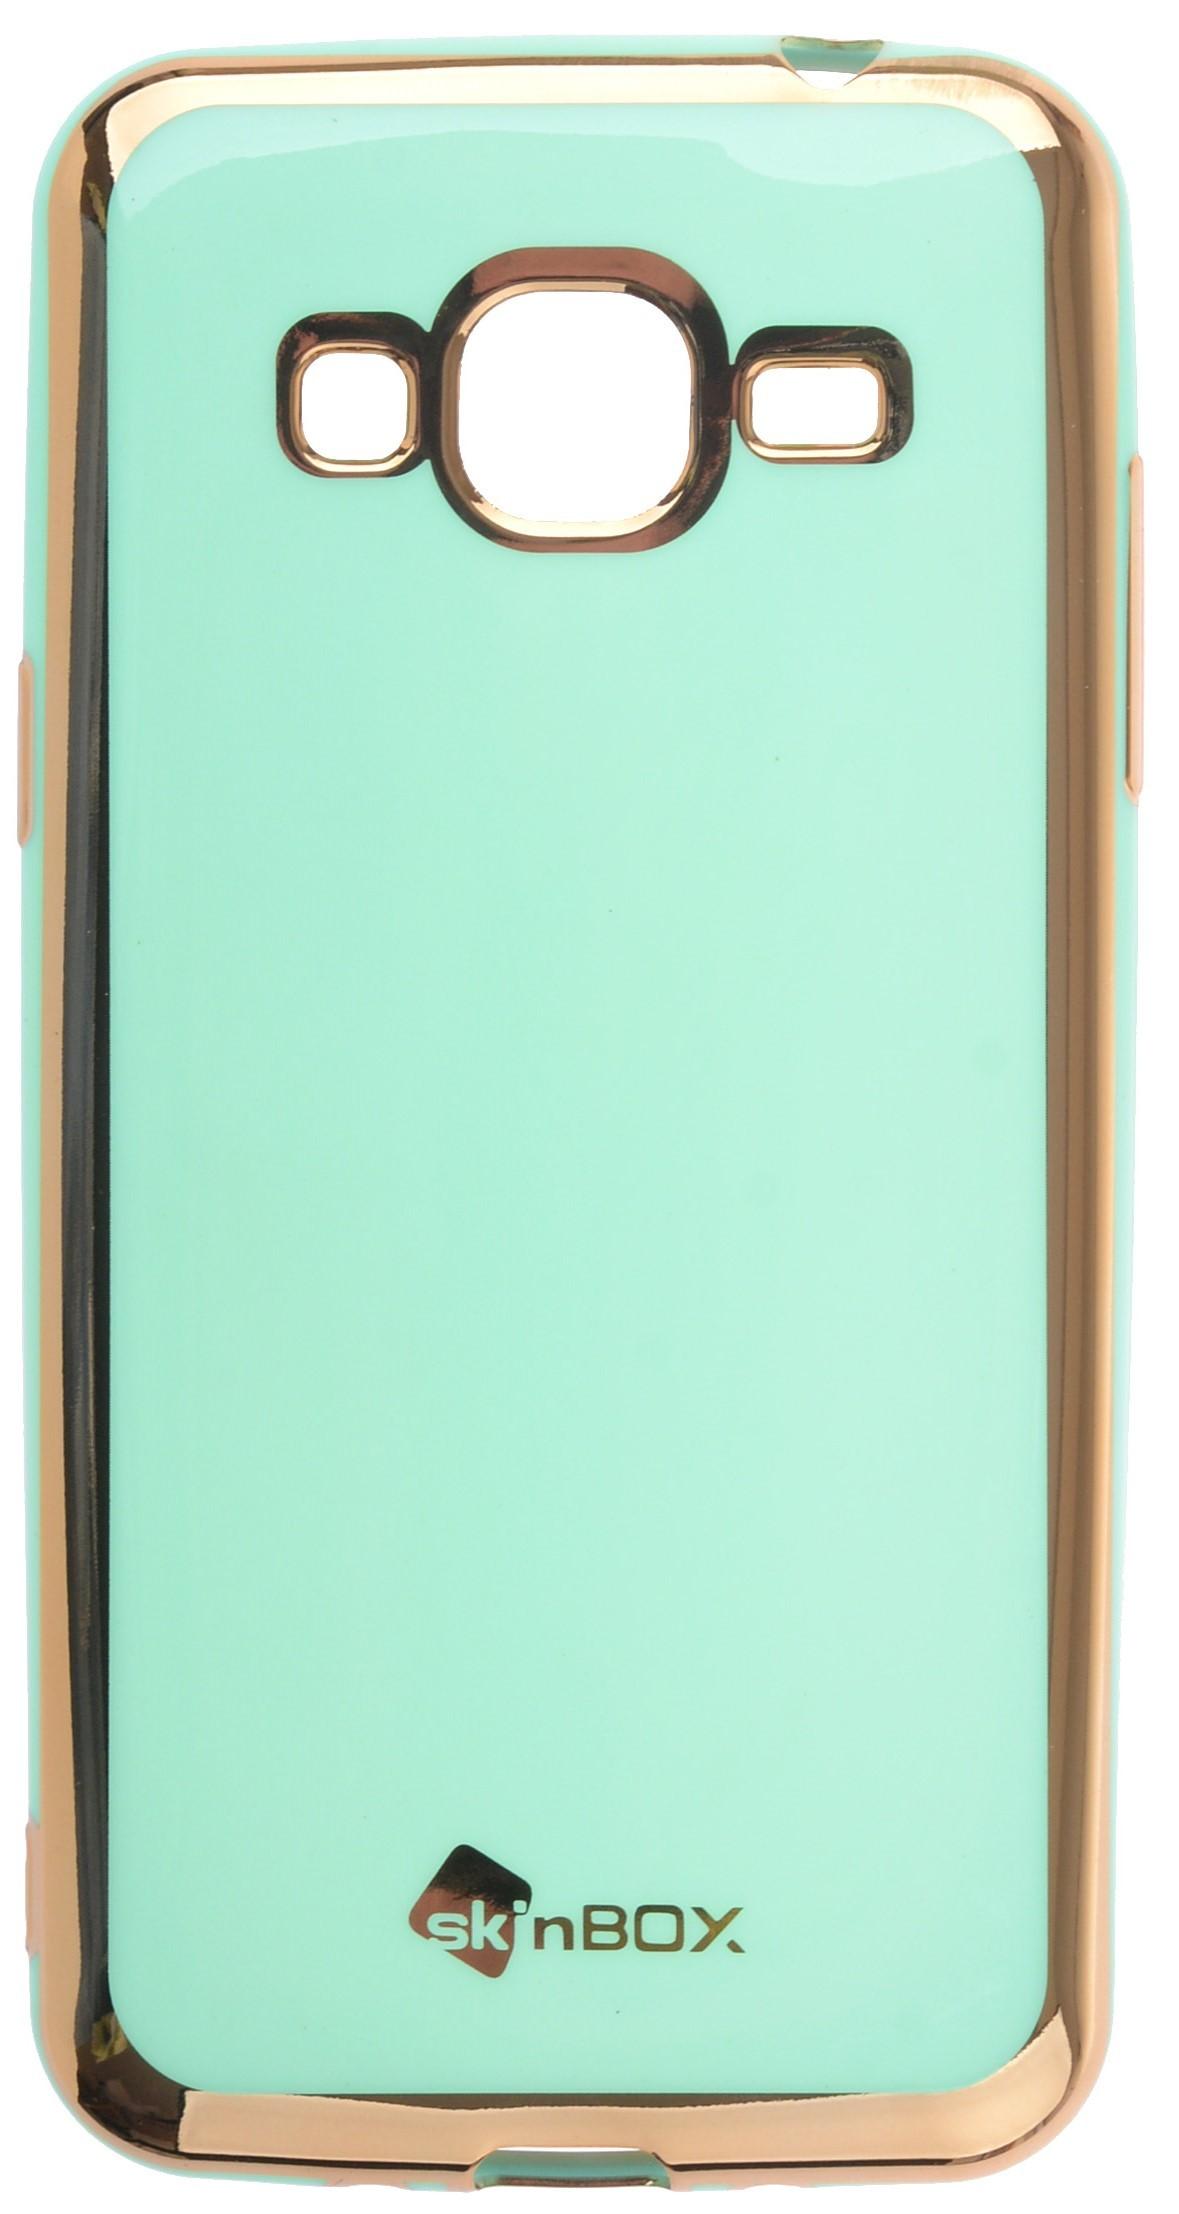 Чехол для сотового телефона skinBOX slim silicone color, 4660041409086, бирюзовый